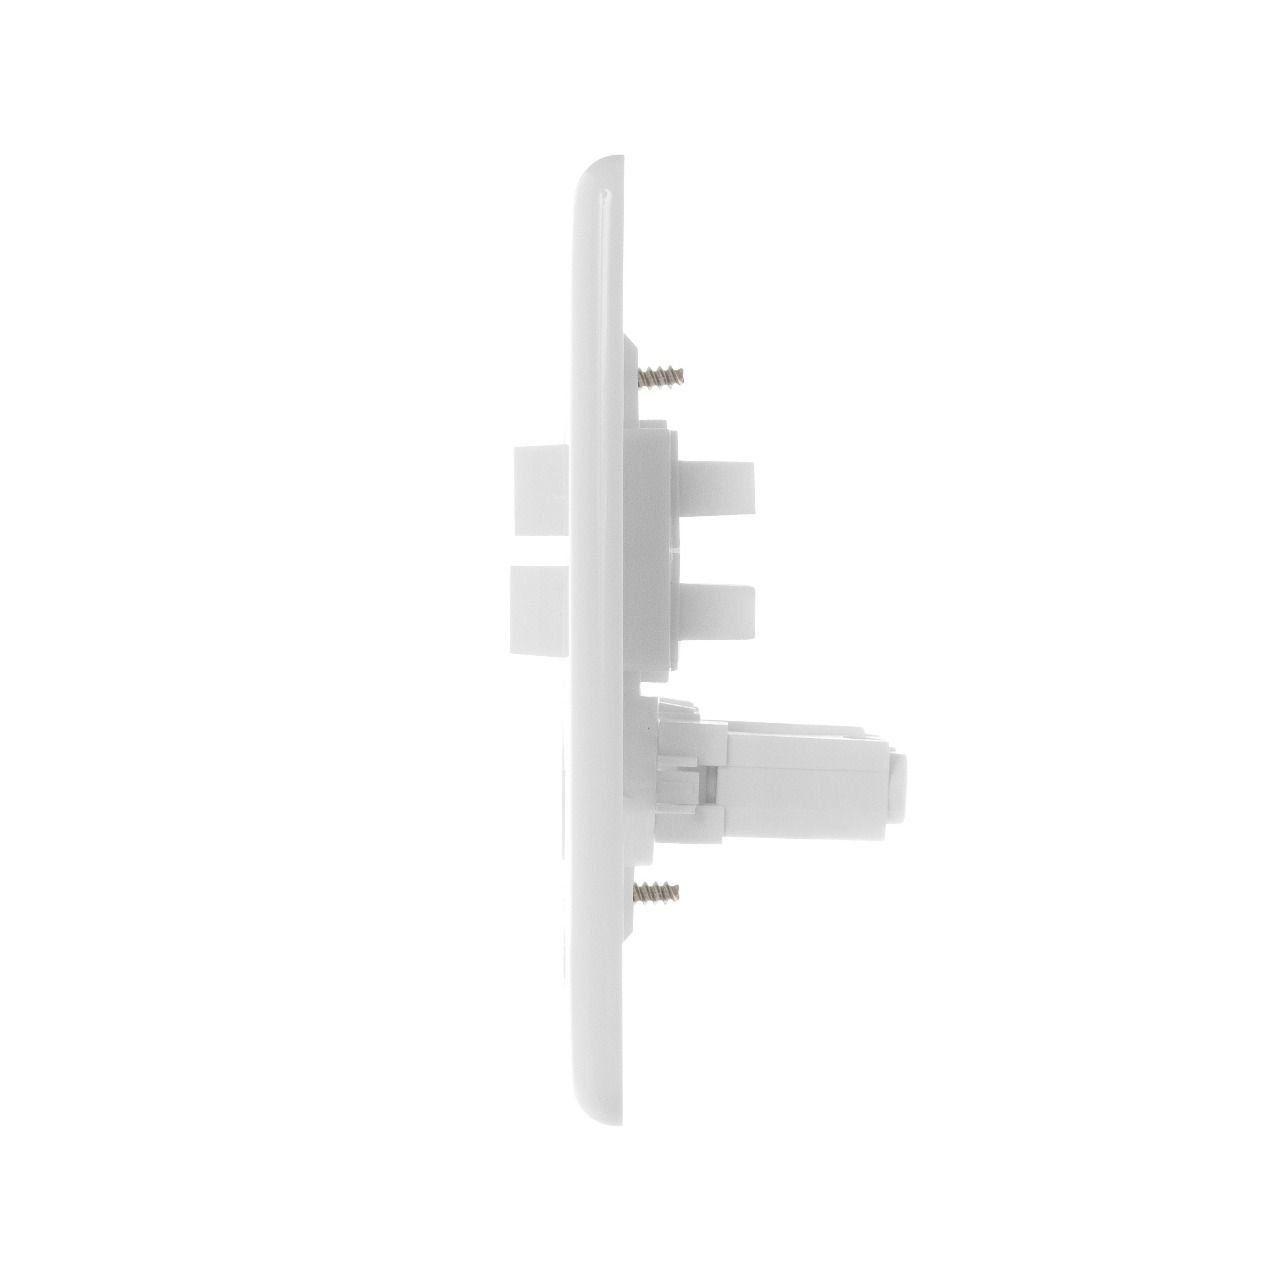 Conjunto De Interruptor Paralelo Com Tomada Stylus 20300 Ilumi